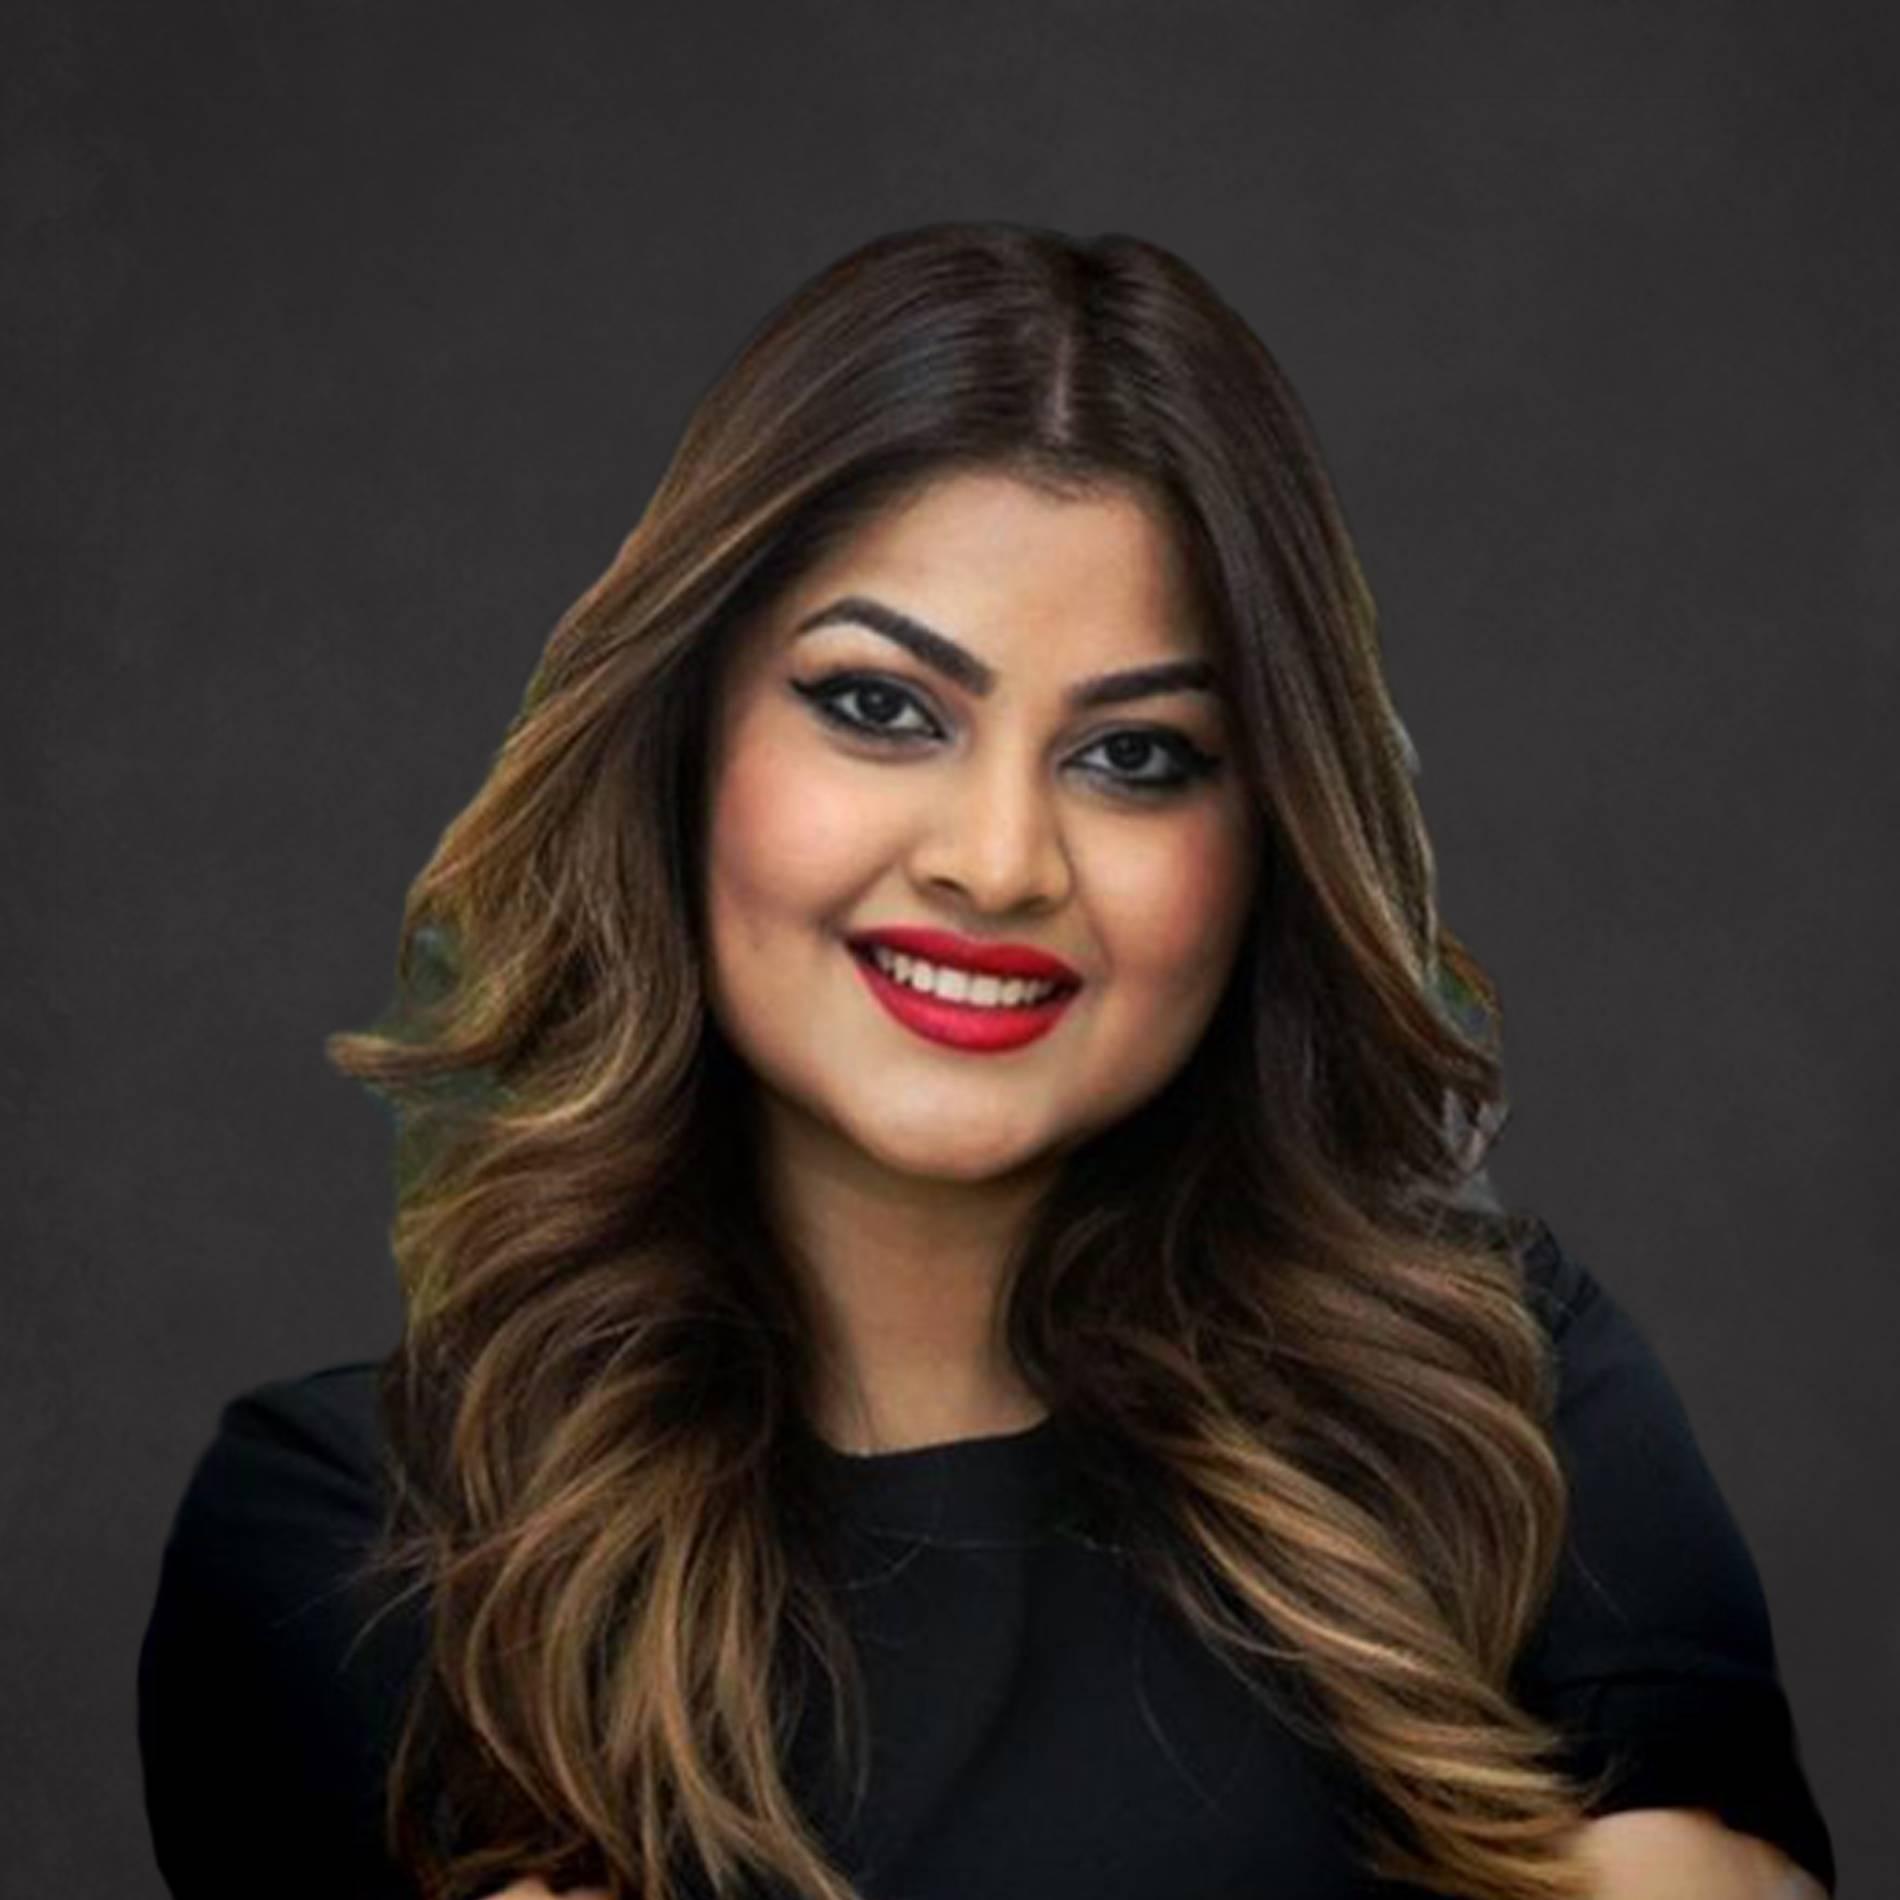 Sarah Shaikh